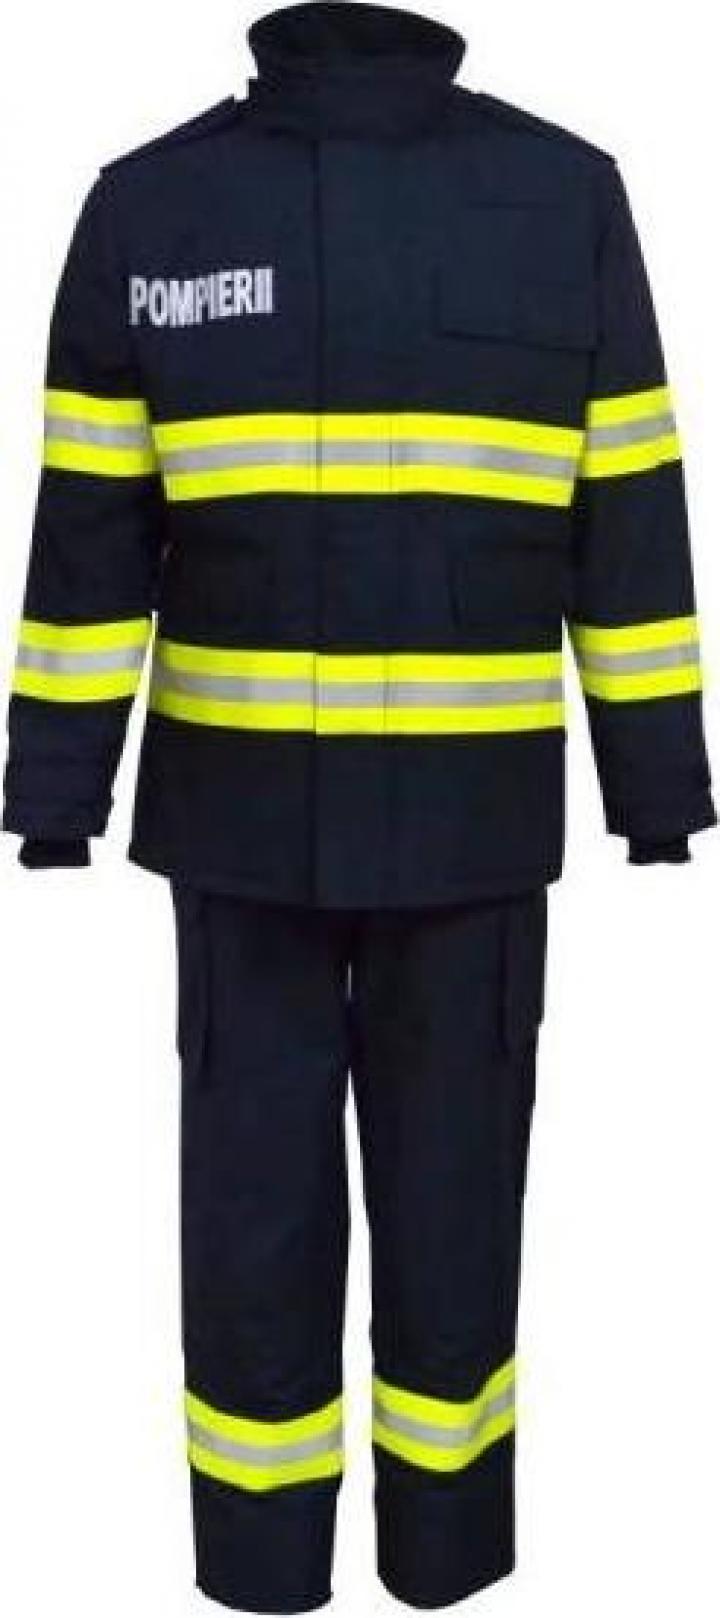 Costum de protectie - Pompieri